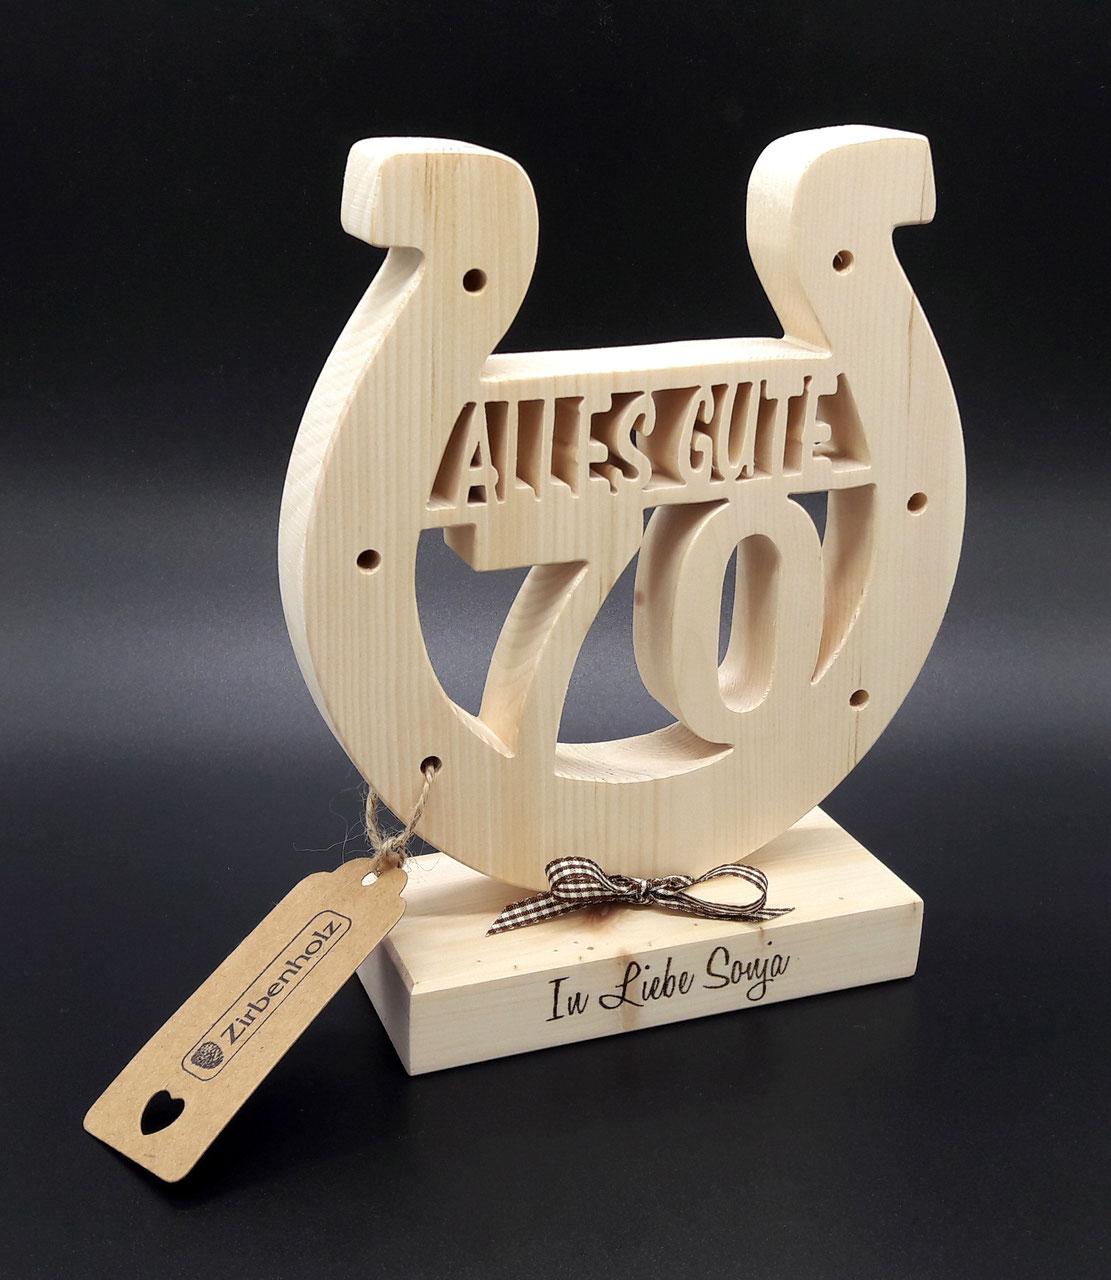 Geschenkideen zum geburtstag geschenke aus holz - Deko 25 geburtstag ...